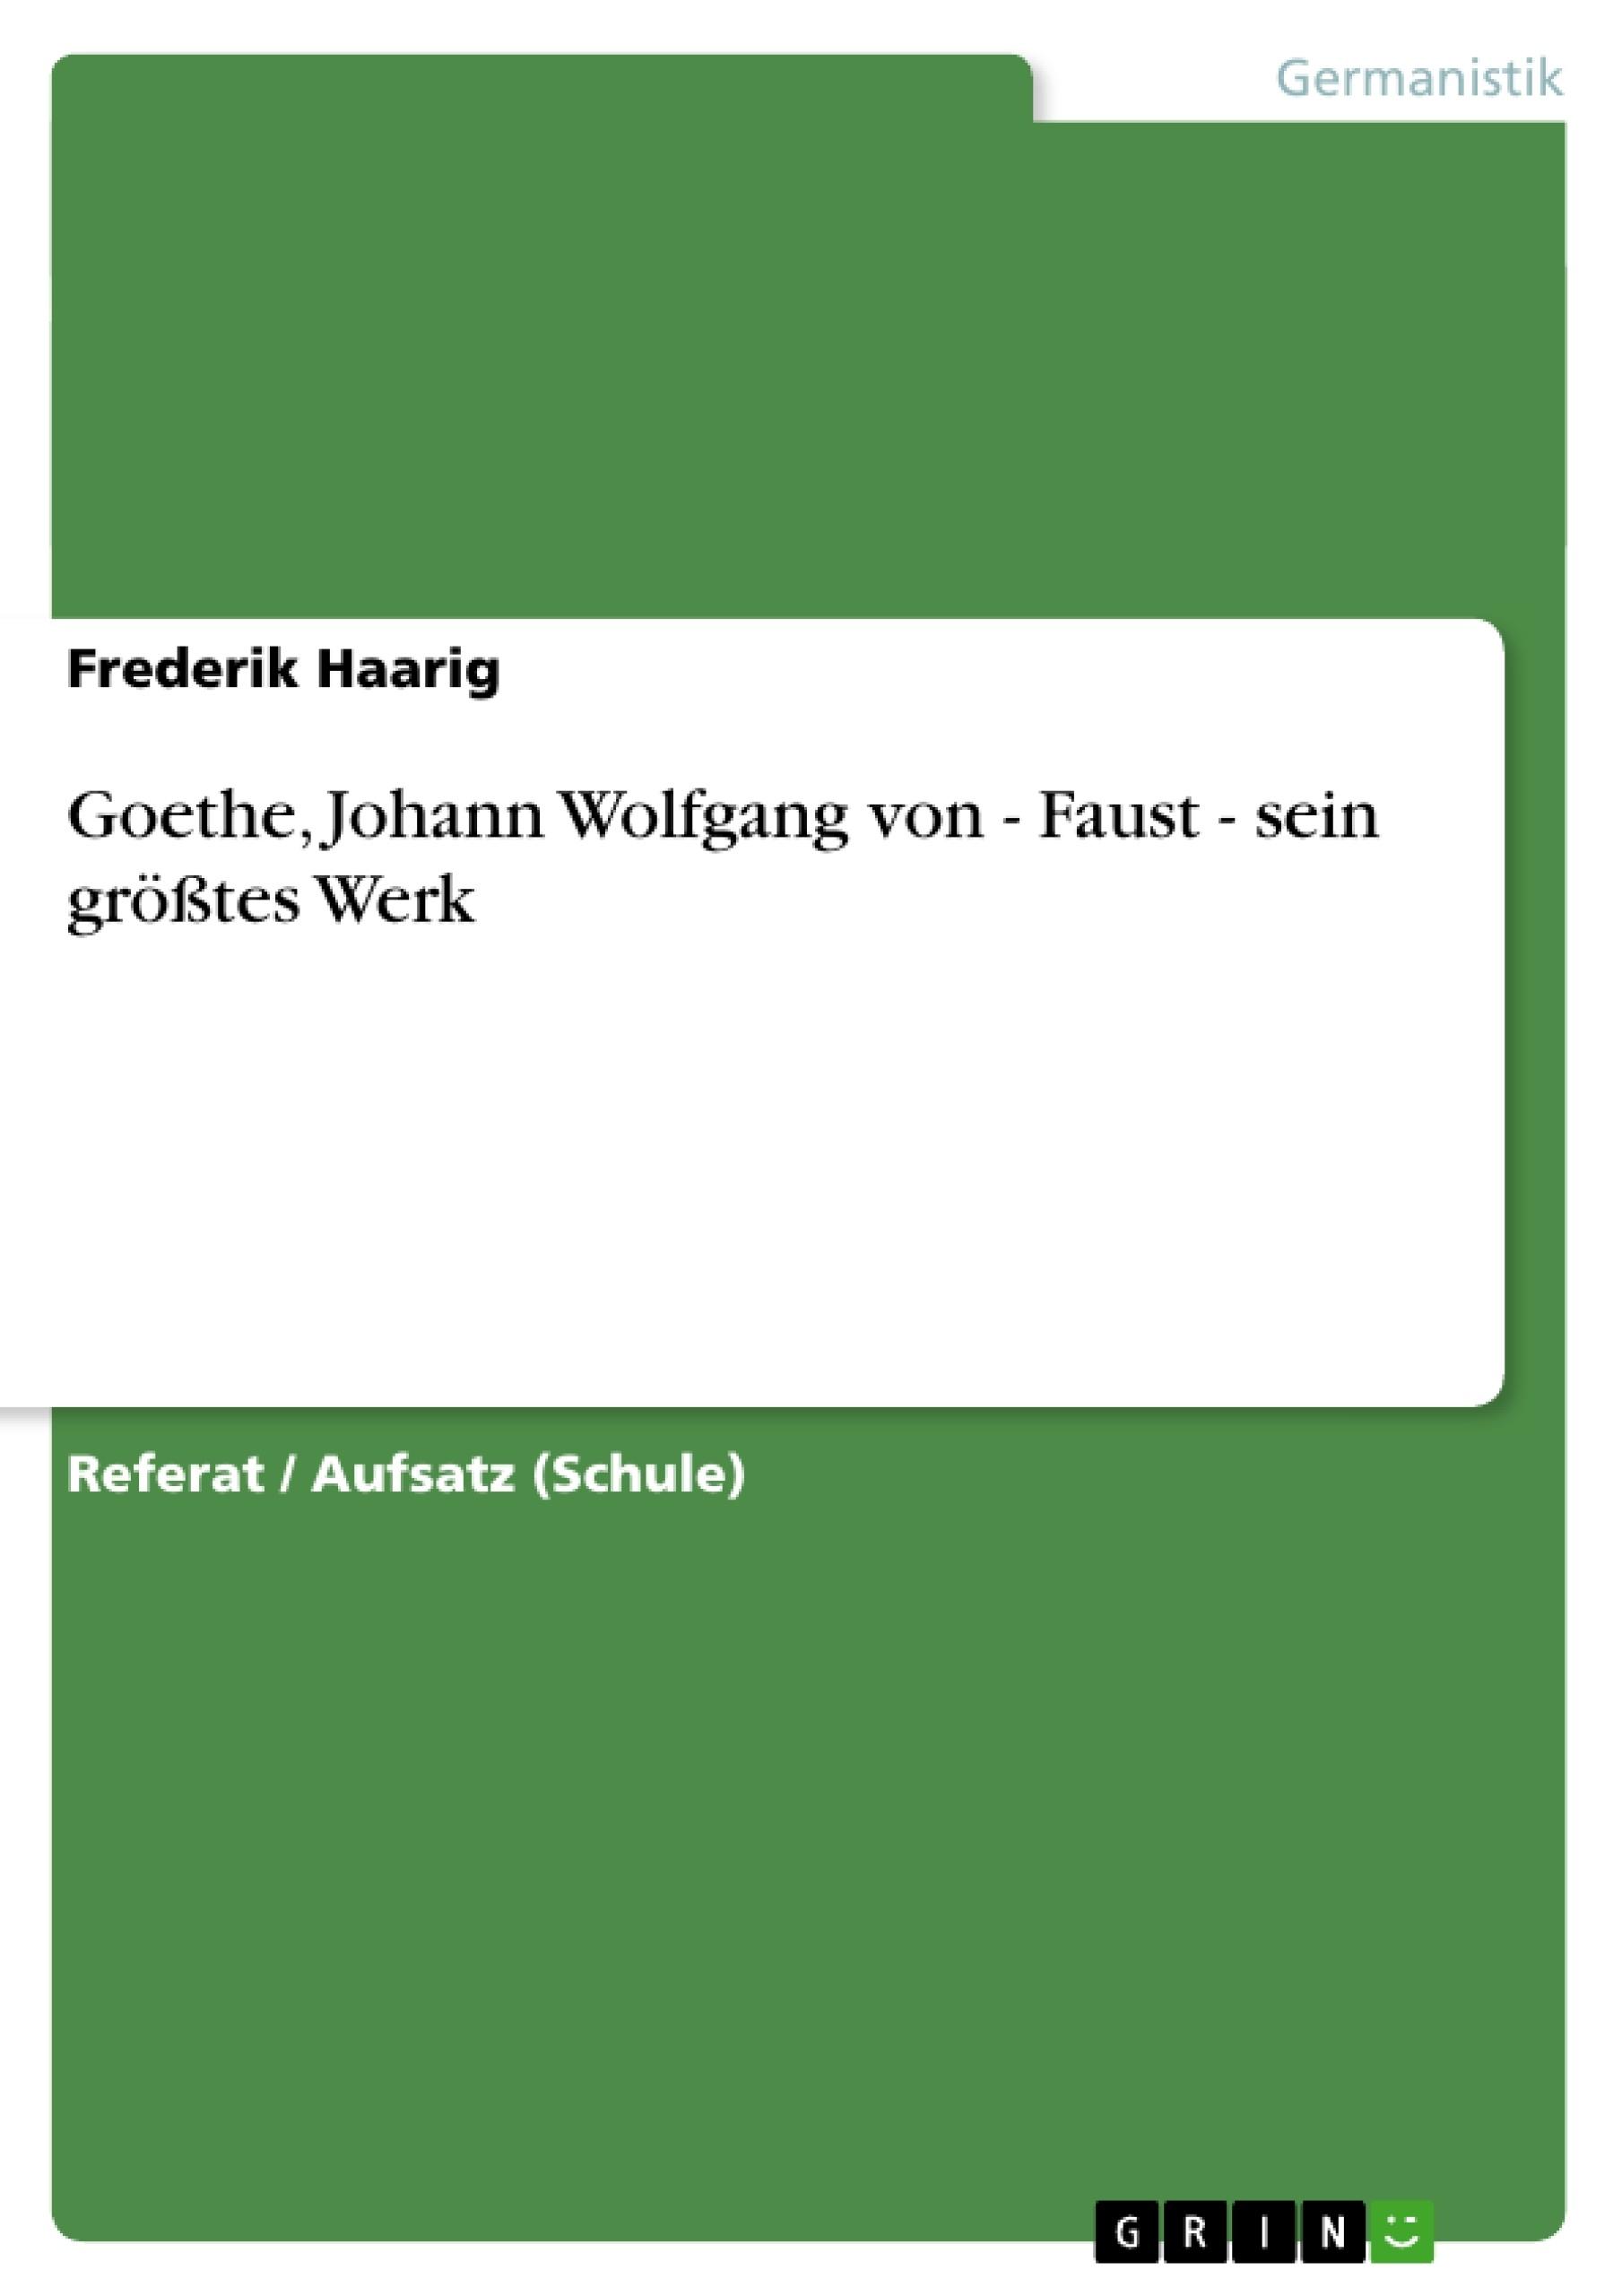 Titel: Goethe, Johann Wolfgang von - Faust -  sein größtes Werk